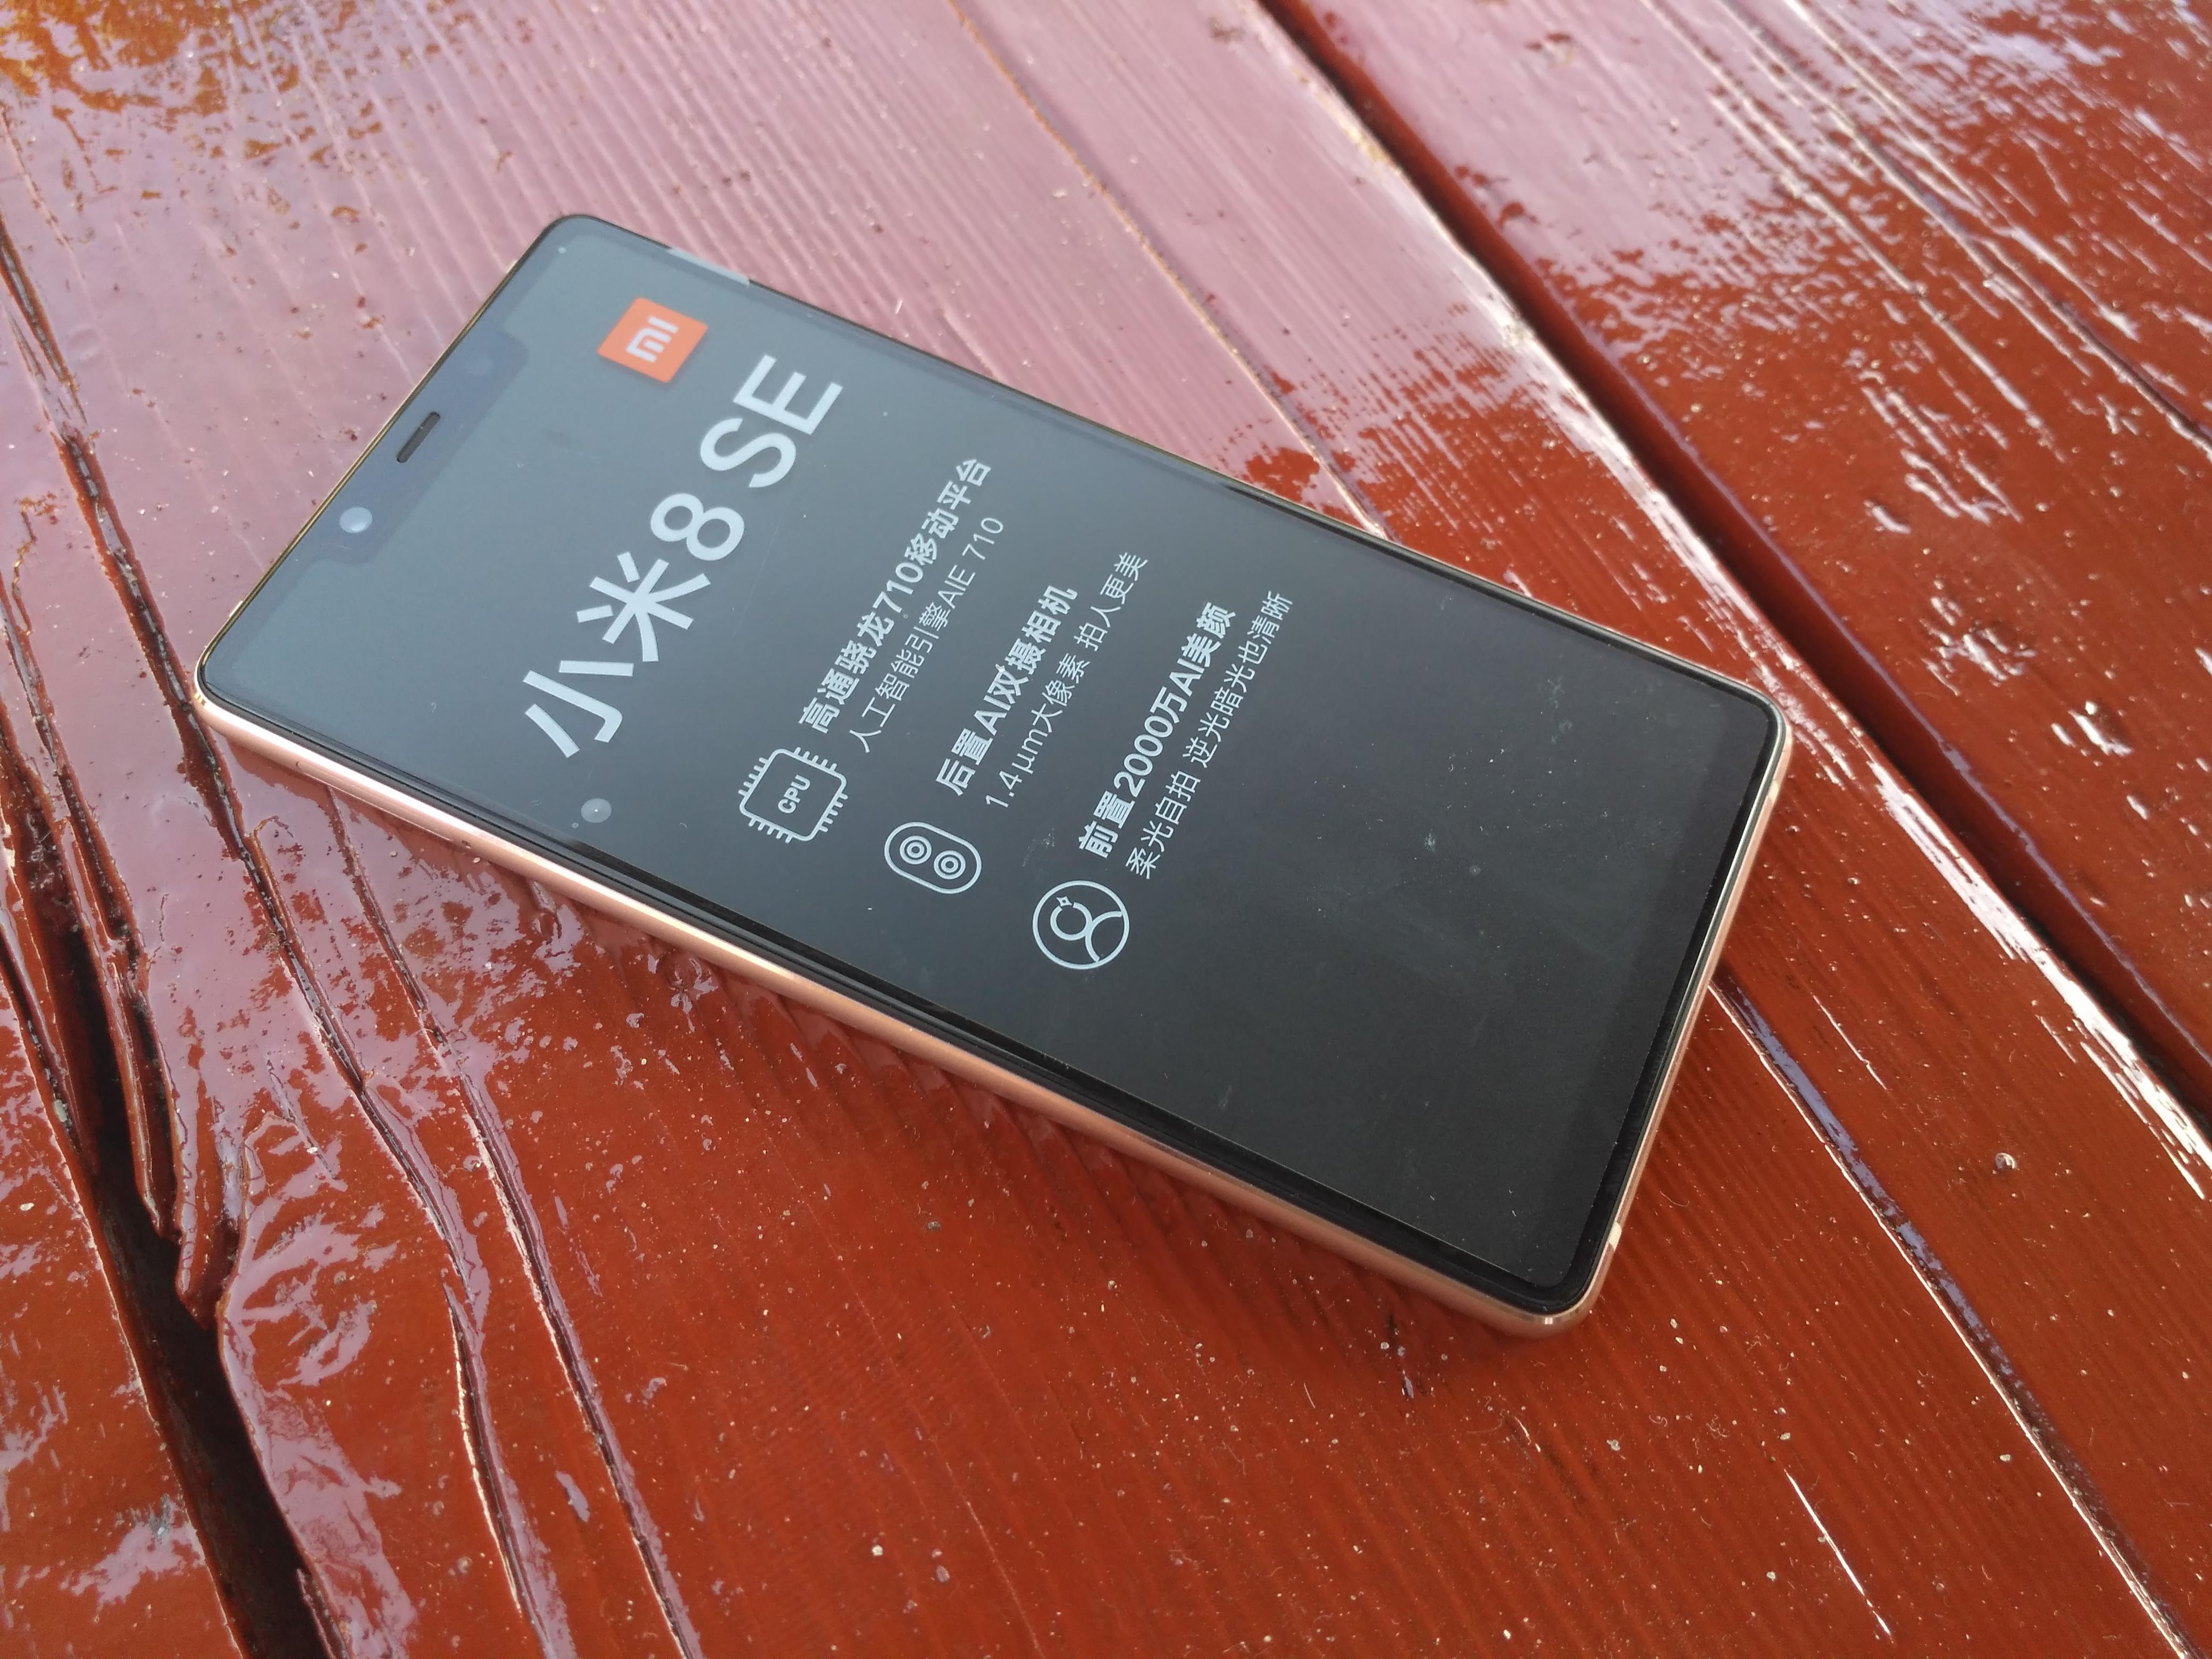 Обзор Xiaomi Mi 8: характеристики, отзывы и фото